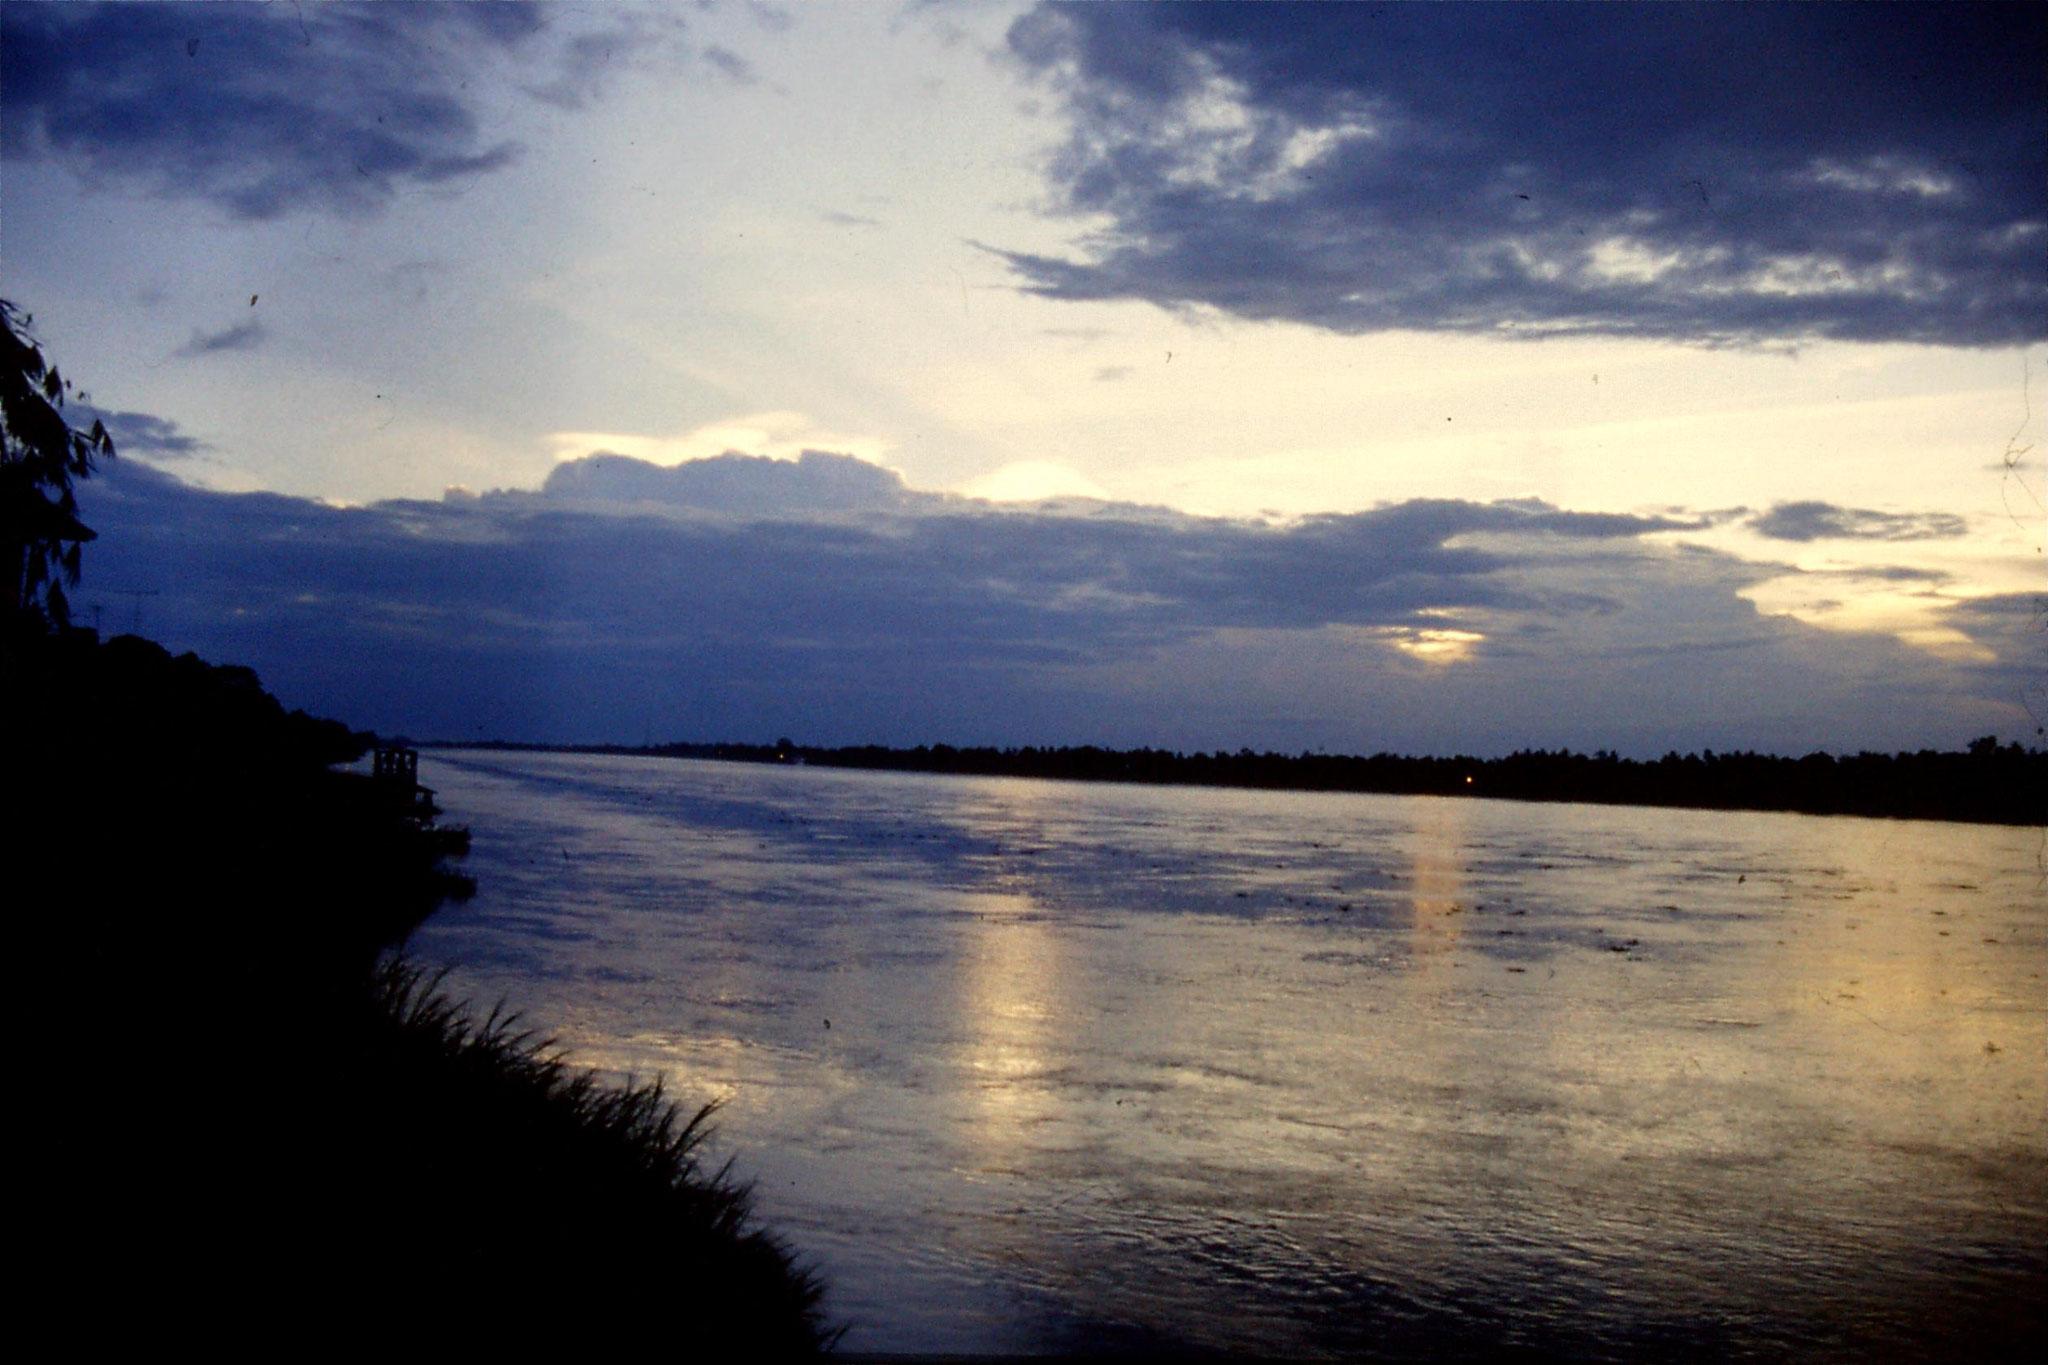 26/5/1990:11: Nong Khai sunset over Mekong